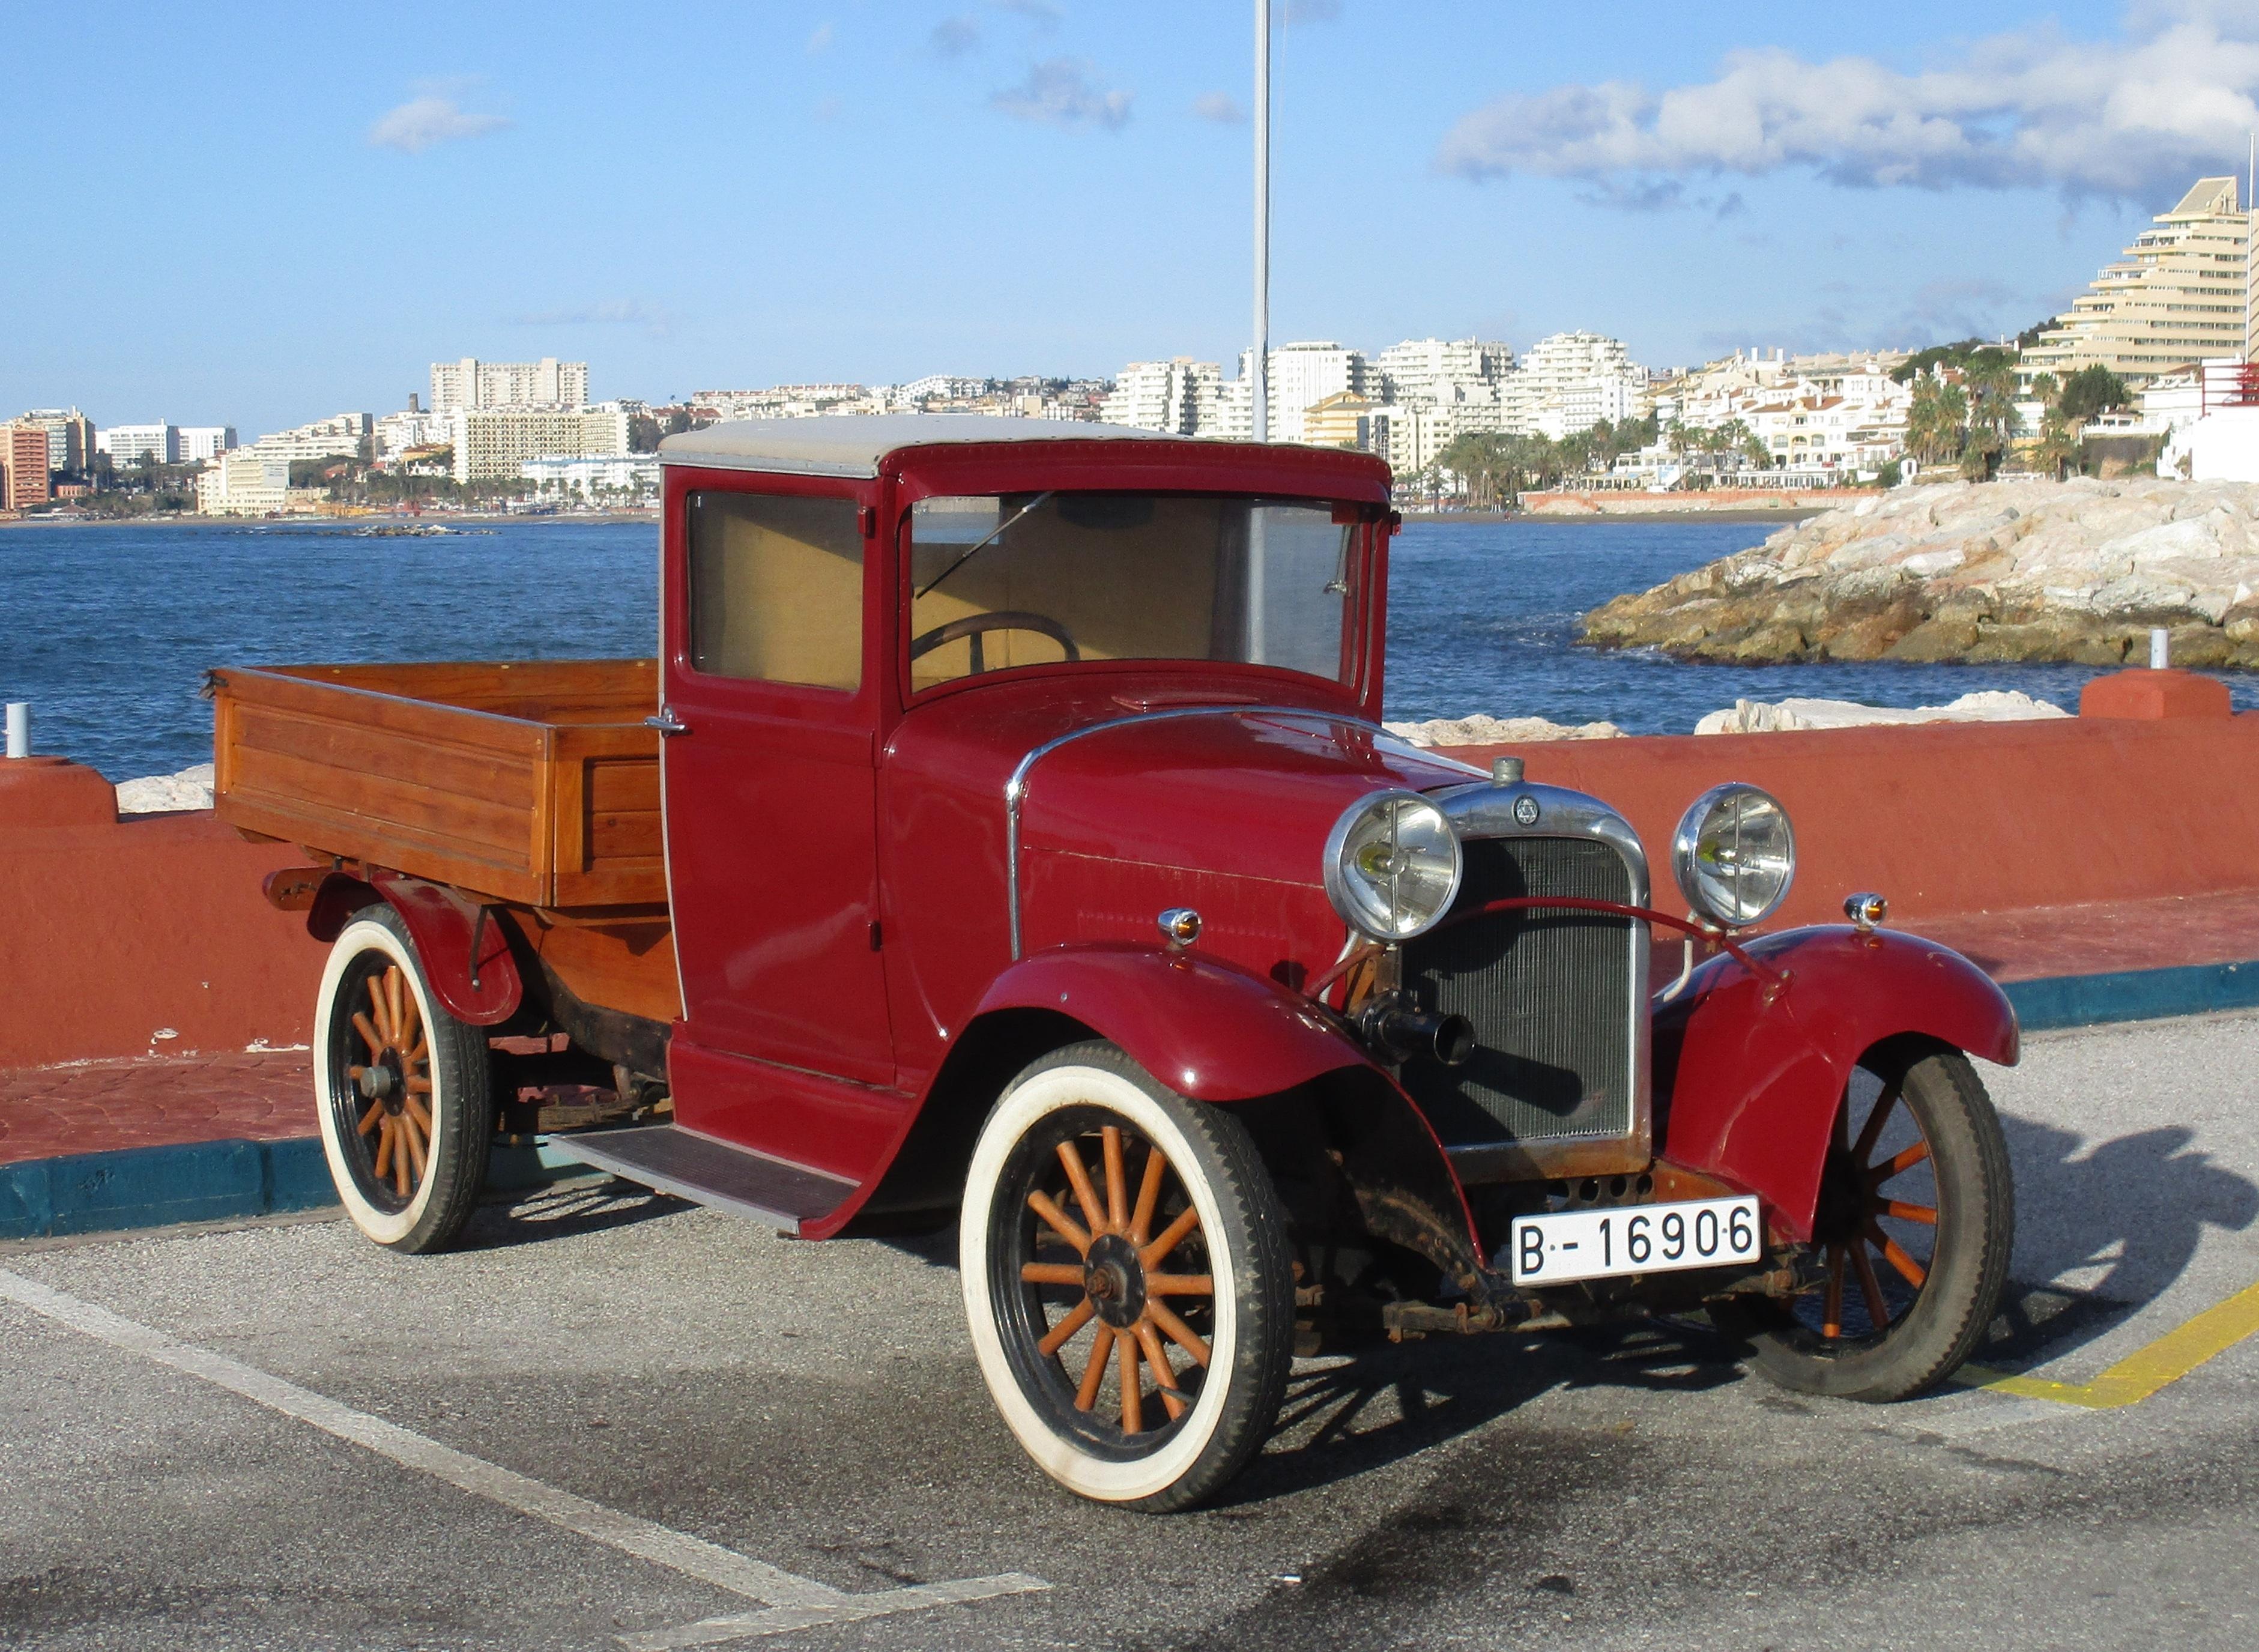 Free Images : old, truck, motor vehicle, vintage car, ford, dodge ...